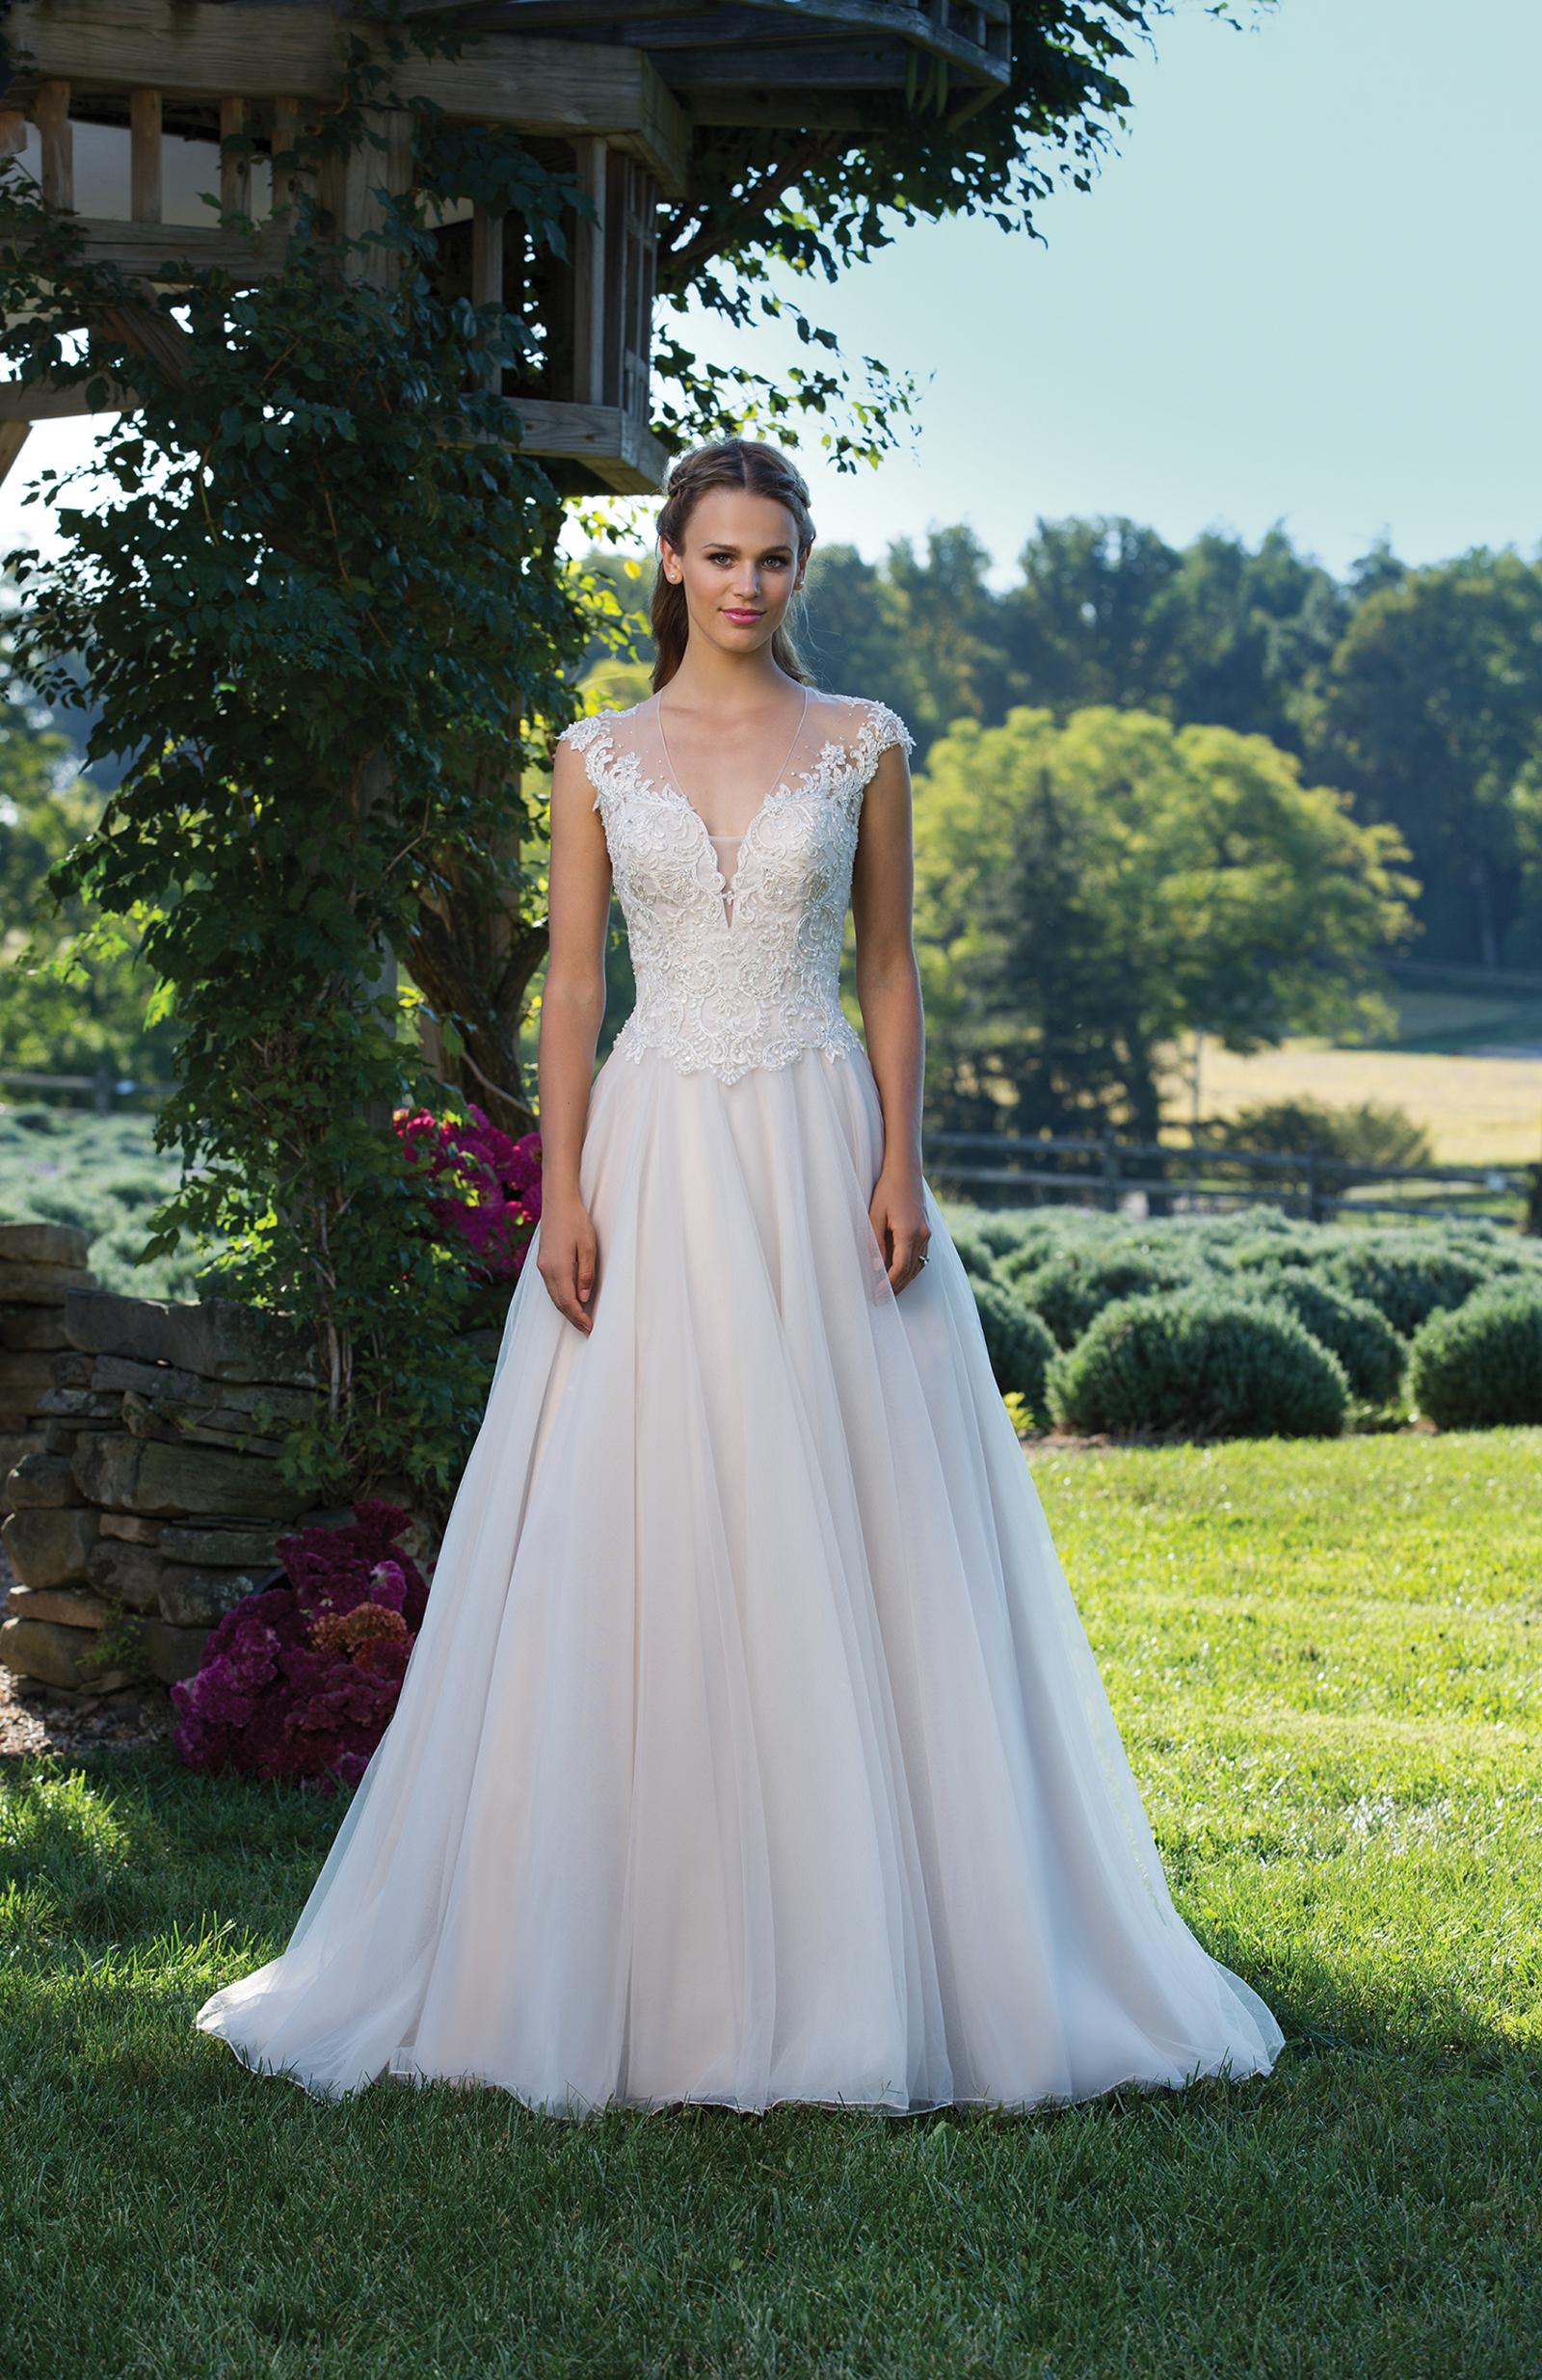 Ziemlich Türkisches Brautkleid Bilder - Brautkleider Ideen ...